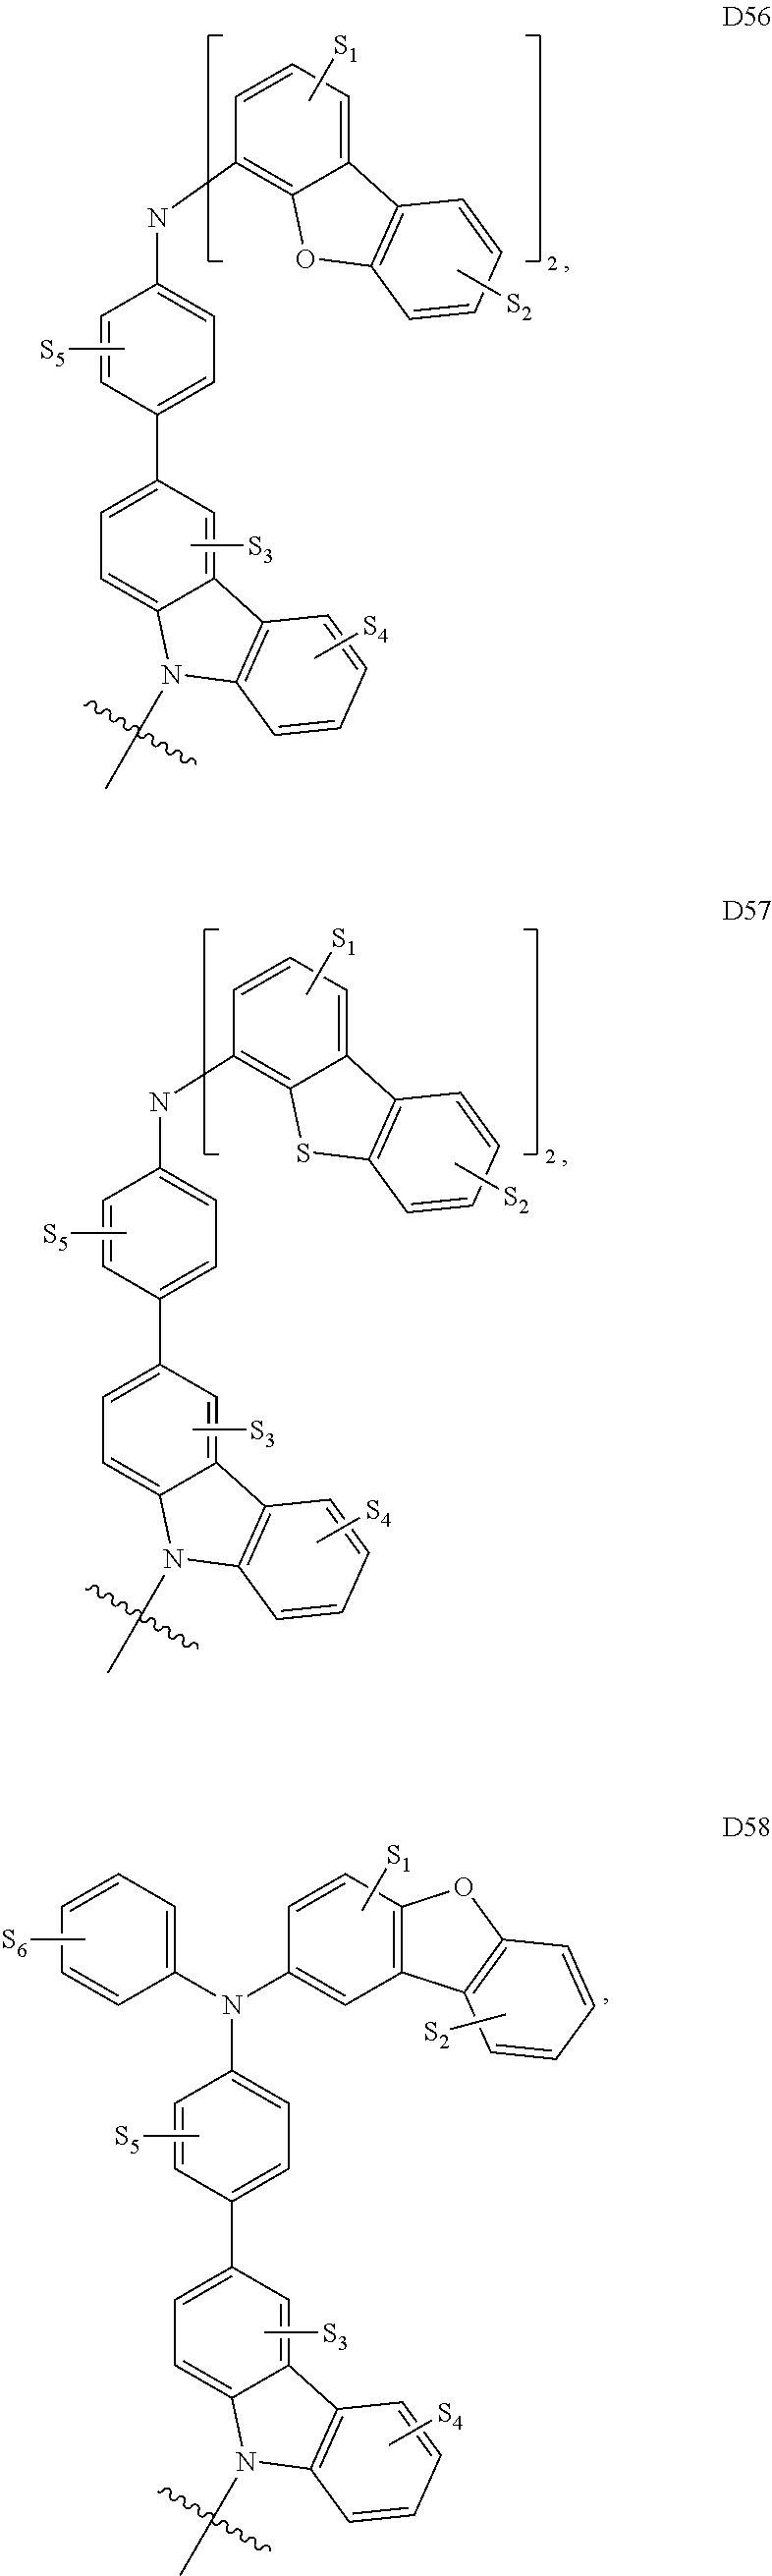 Figure US09537106-20170103-C00485